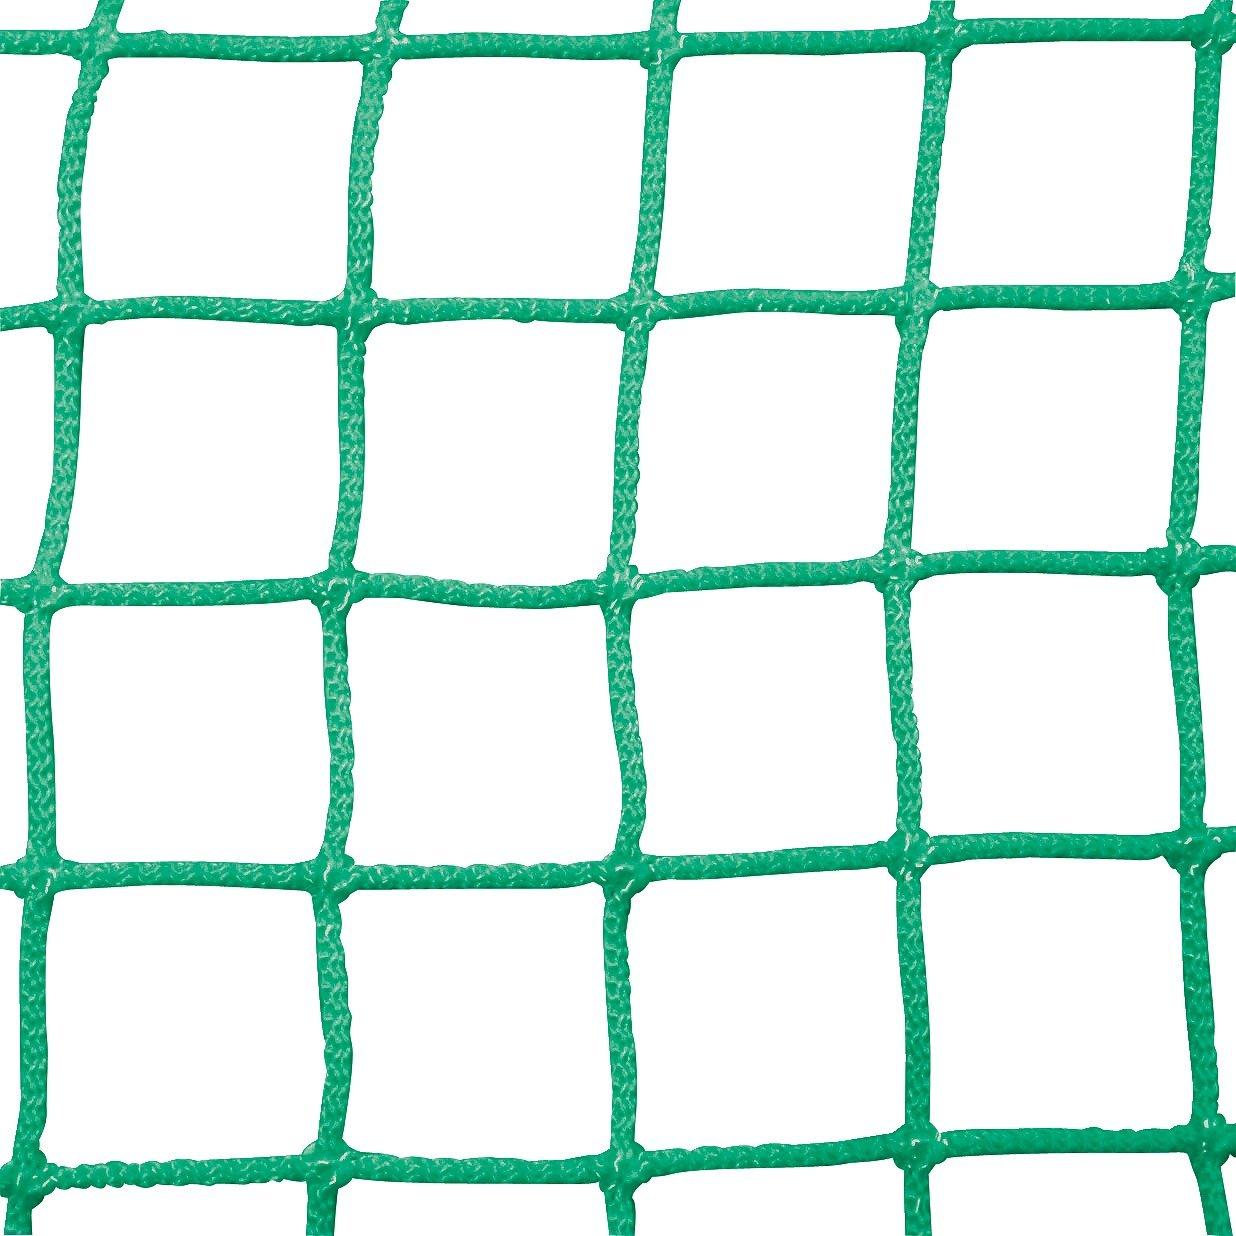 Sport-Thieme Tornetze für Mini-Tore, Maschenweite 10 cm